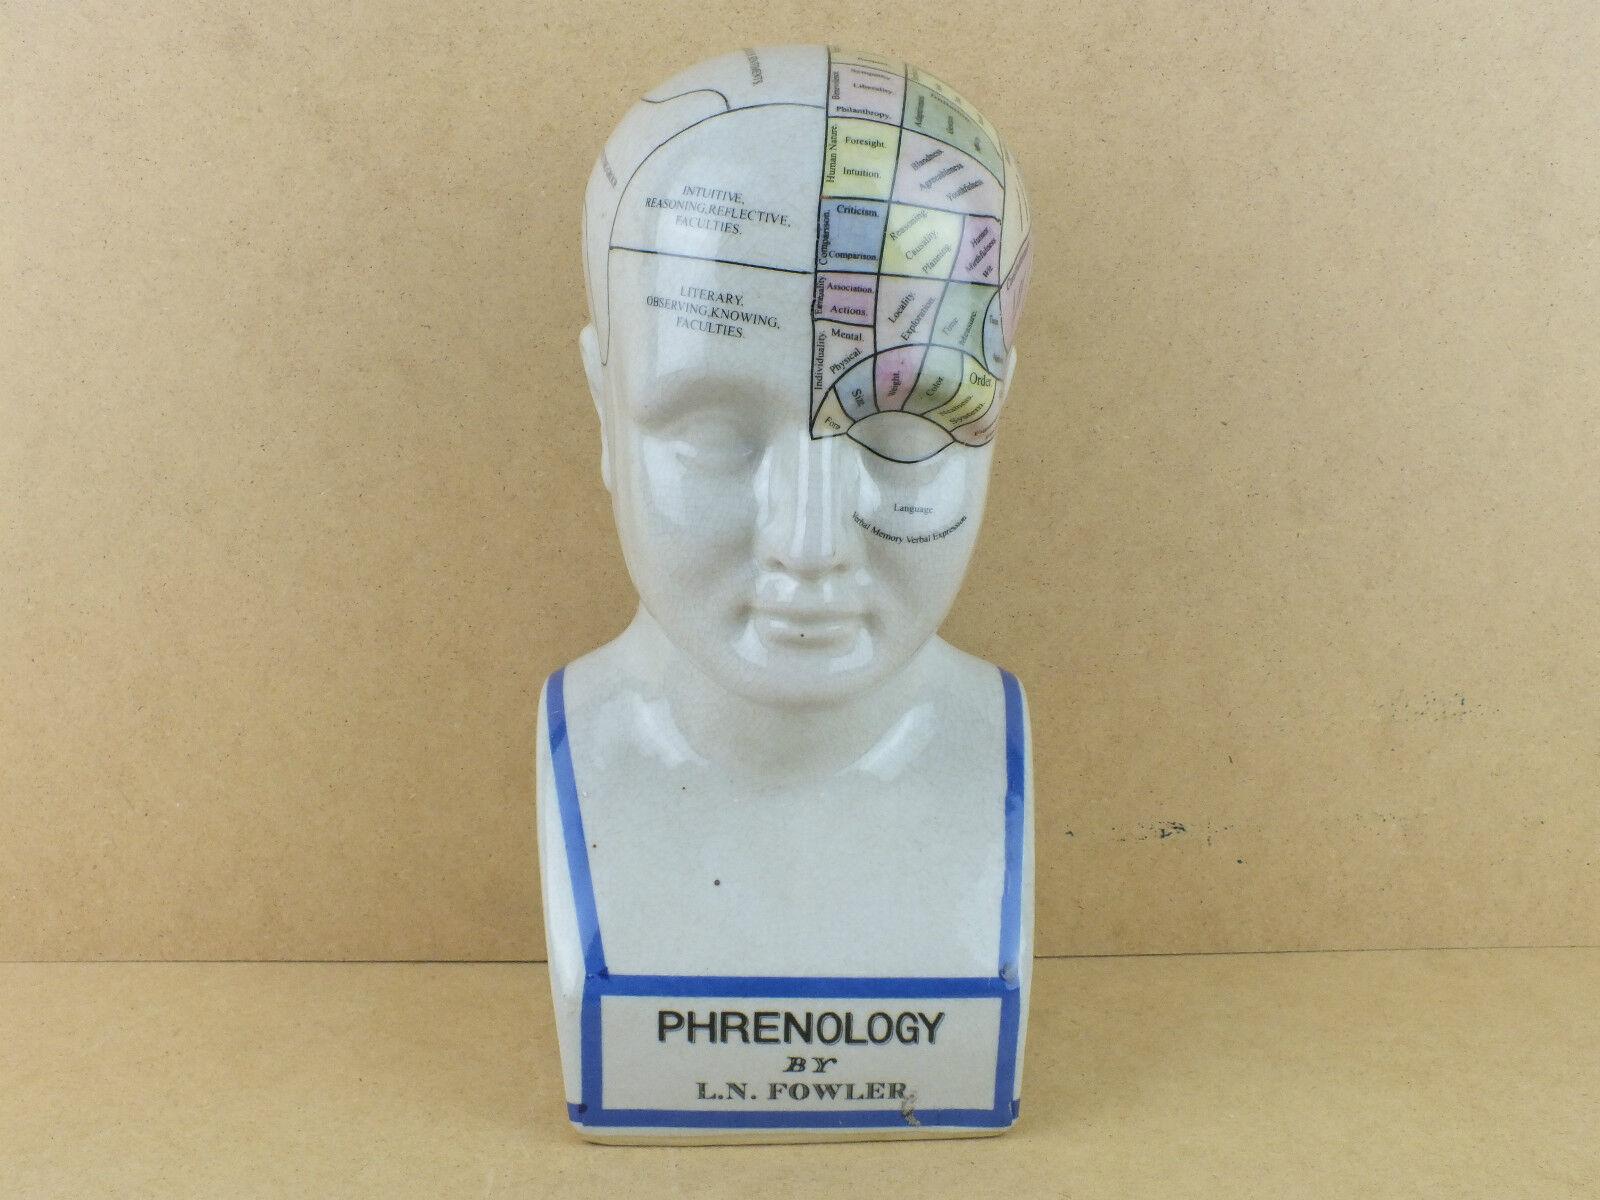 Großer Porzellan Kopf Phrenology Kopf By L.N. Fowler Büste Porzellankopf Farbig